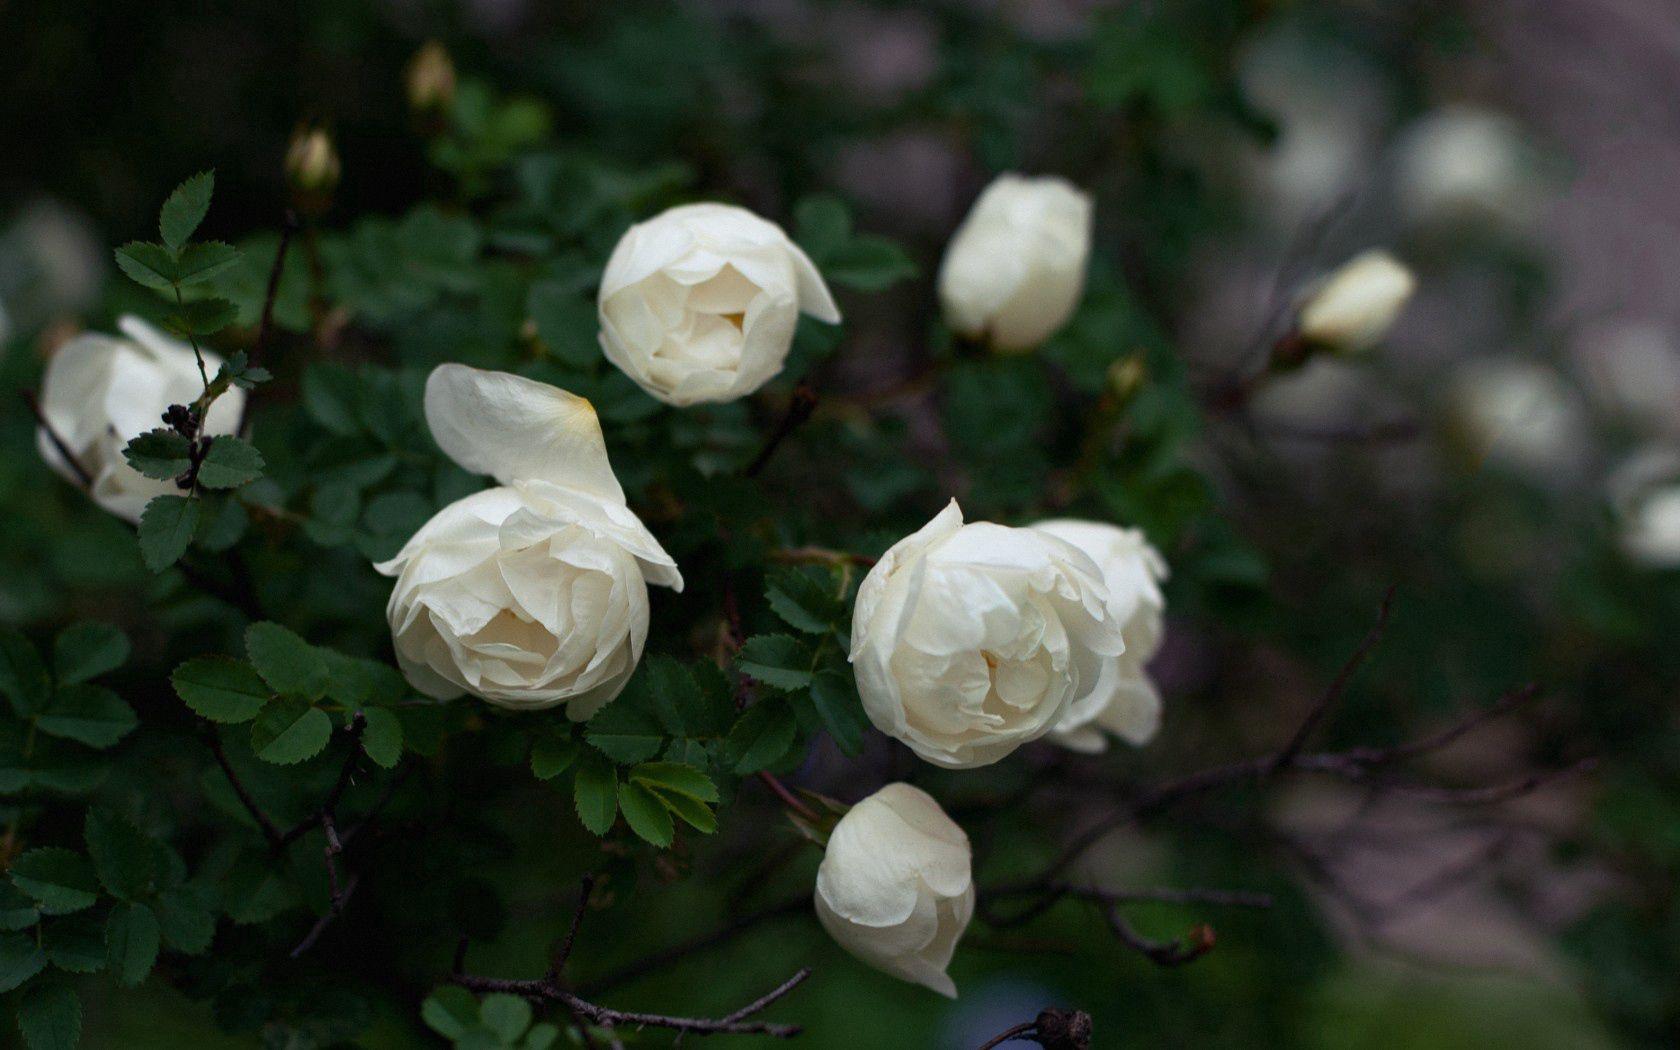 110106 Hintergrundbild herunterladen Blumen, Roses, Blütenblätter, Geäst, Zweige, Knospen - Bildschirmschoner und Bilder kostenlos